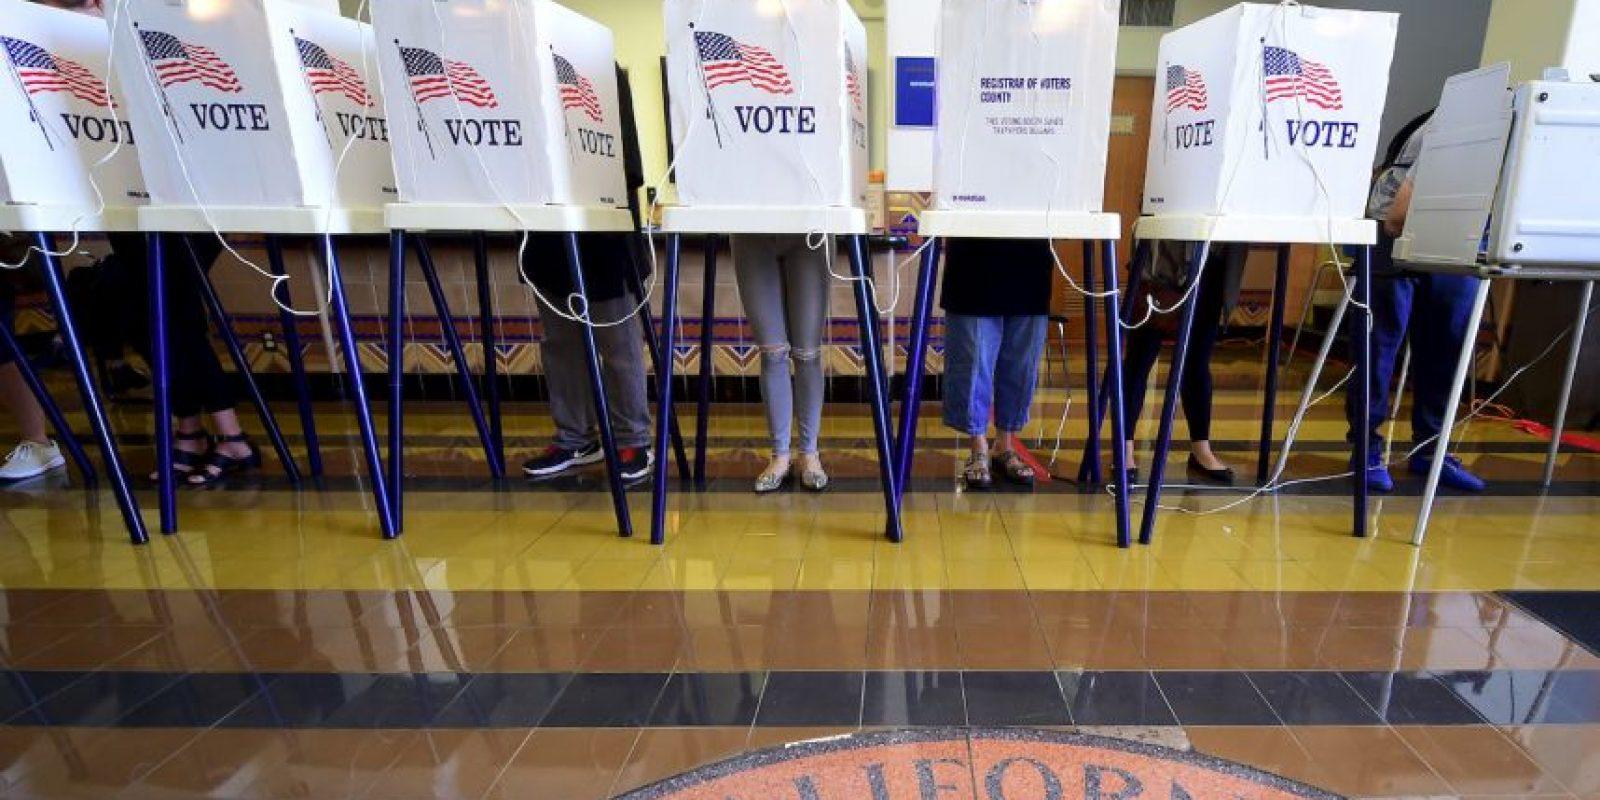 Hoy se celebraron las elecciones presidenciales en Estados Unidos Foto:AFP